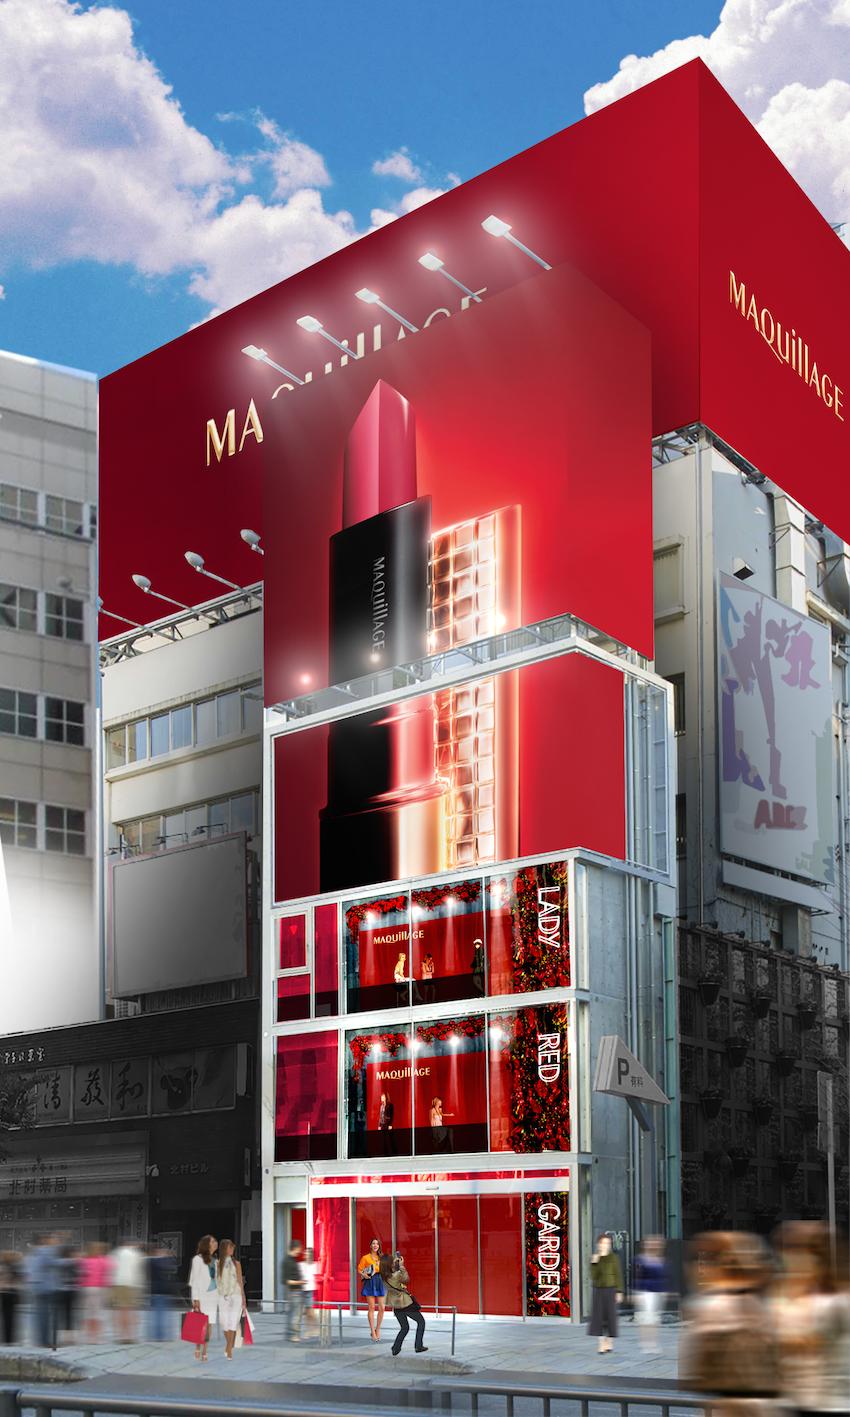 『マキアージュ』誕生10周年☆ もっと女っぽくなれる空間「LADY RED GARDEN」が期間限定オープン!_1